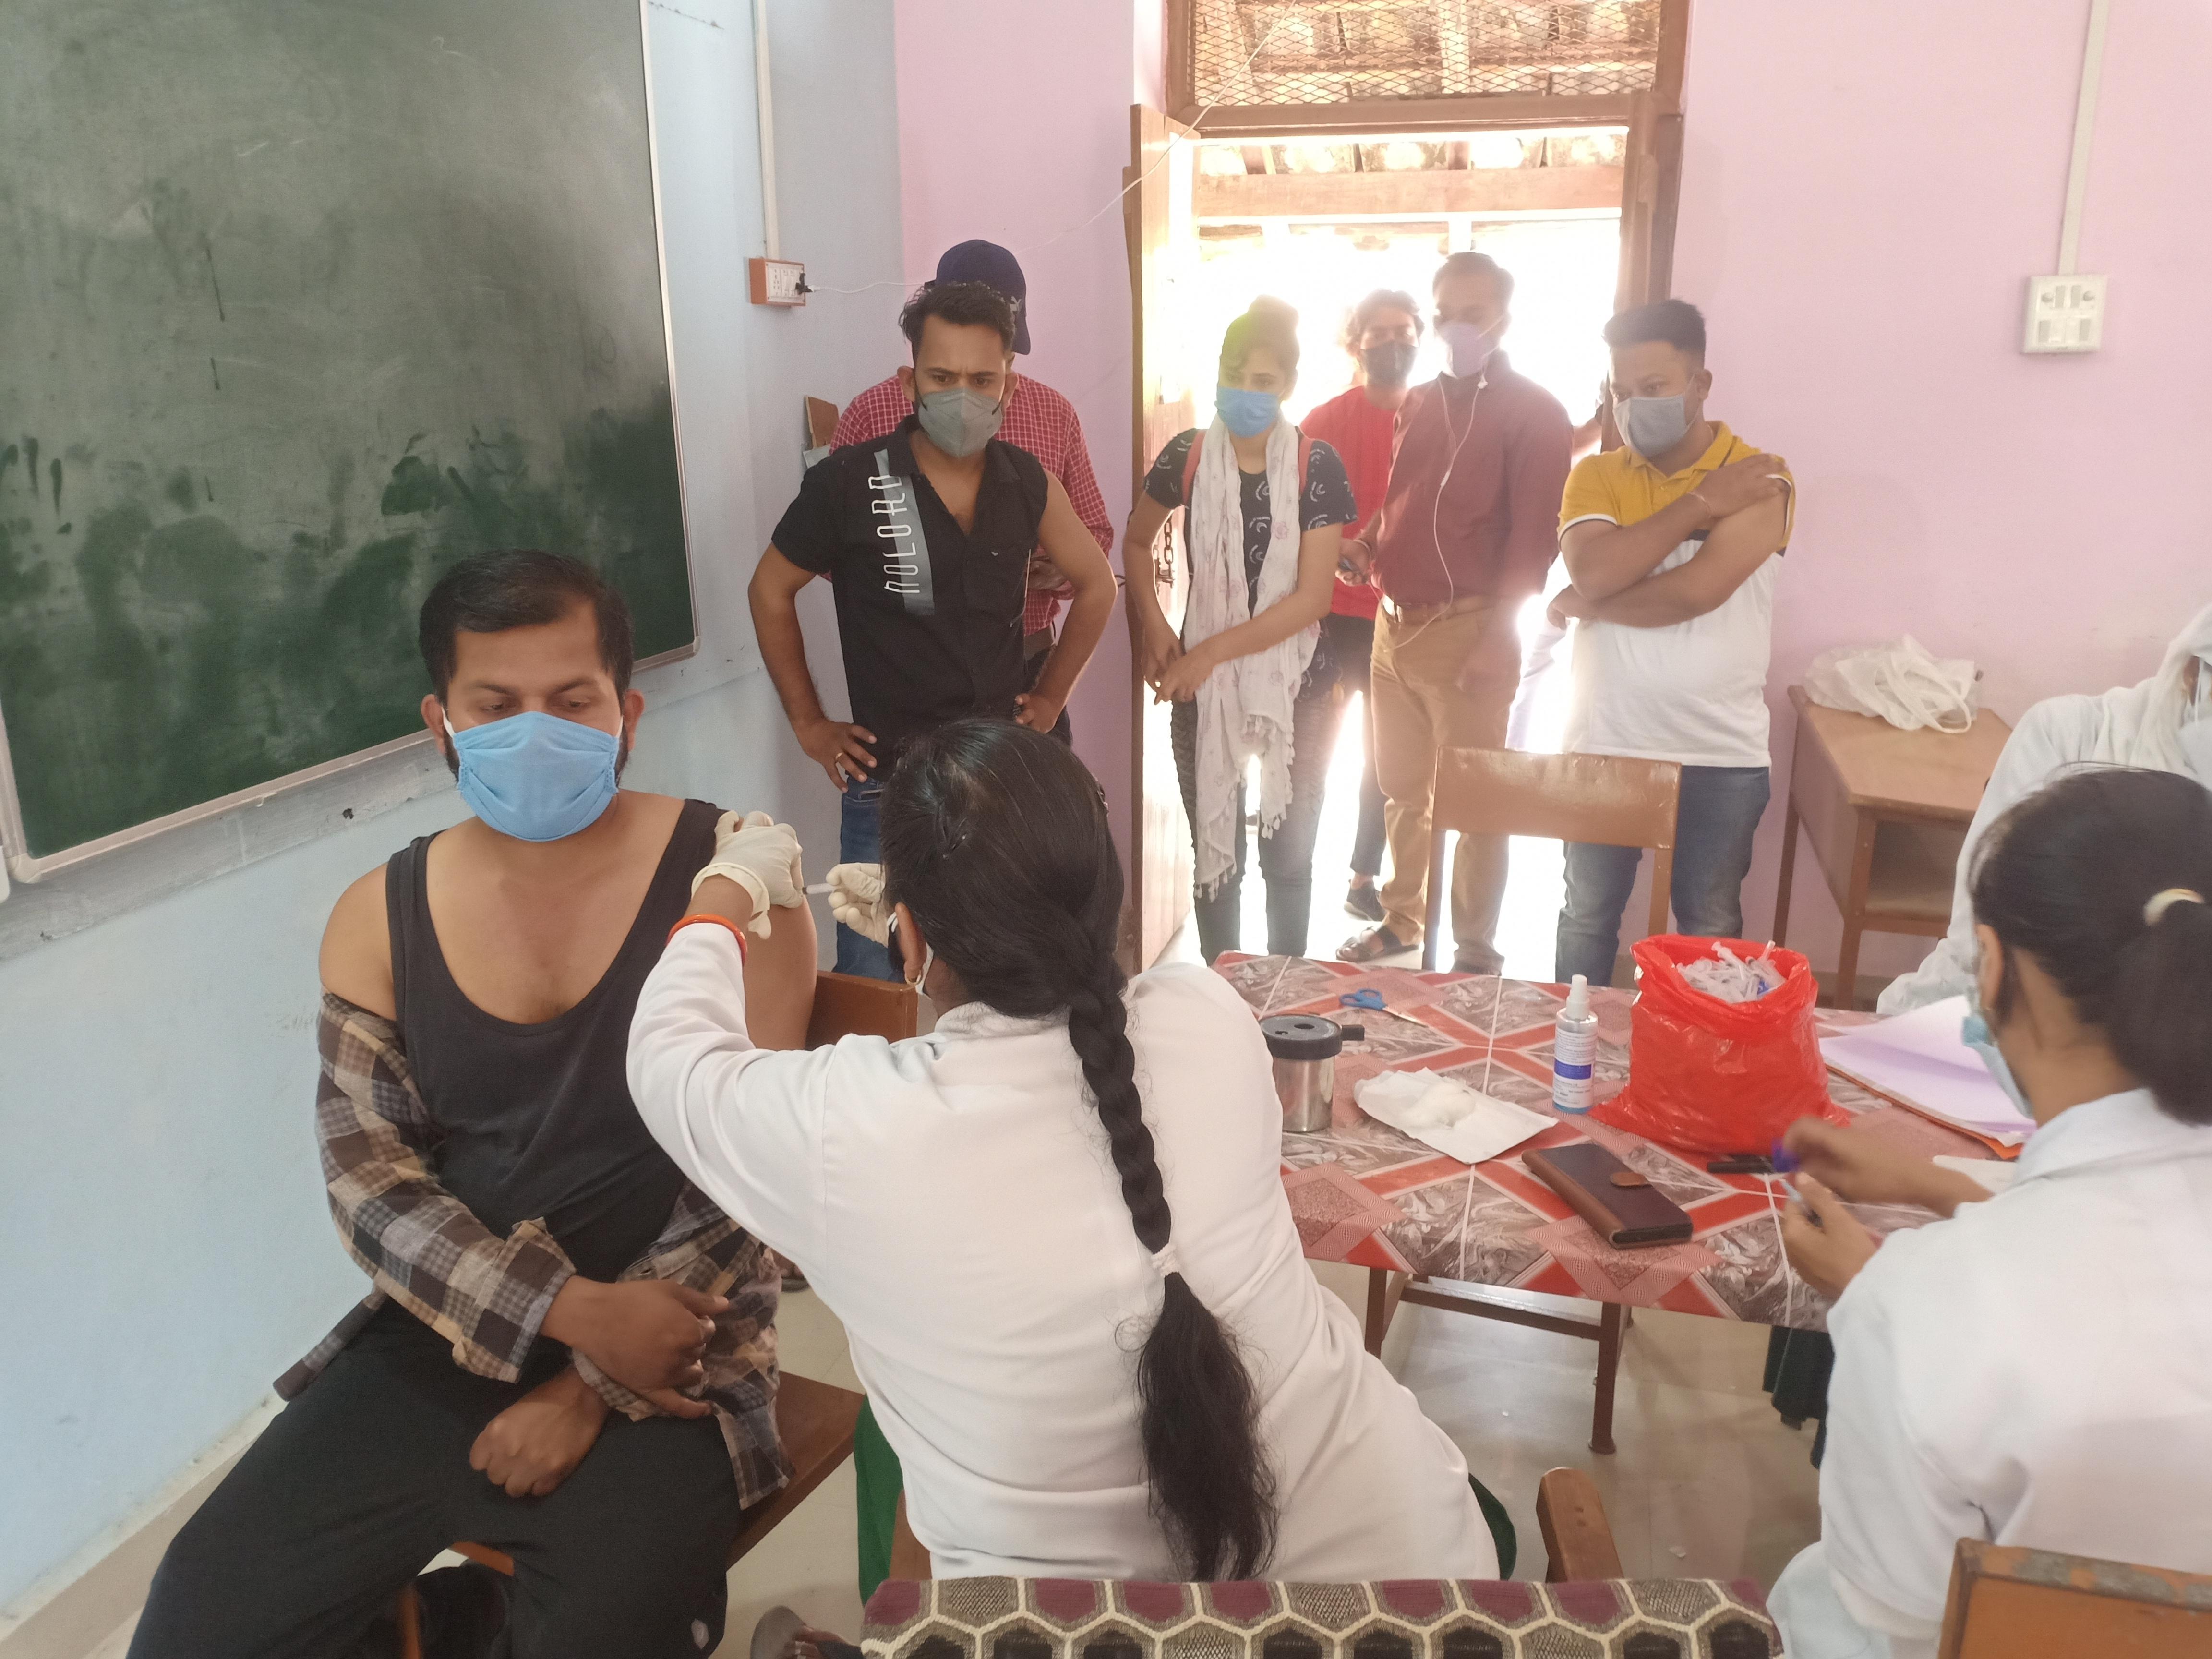 सागर जिले में आज 266 केंद्रों पर टीकाकरण होगा। - Dainik Bhaskar